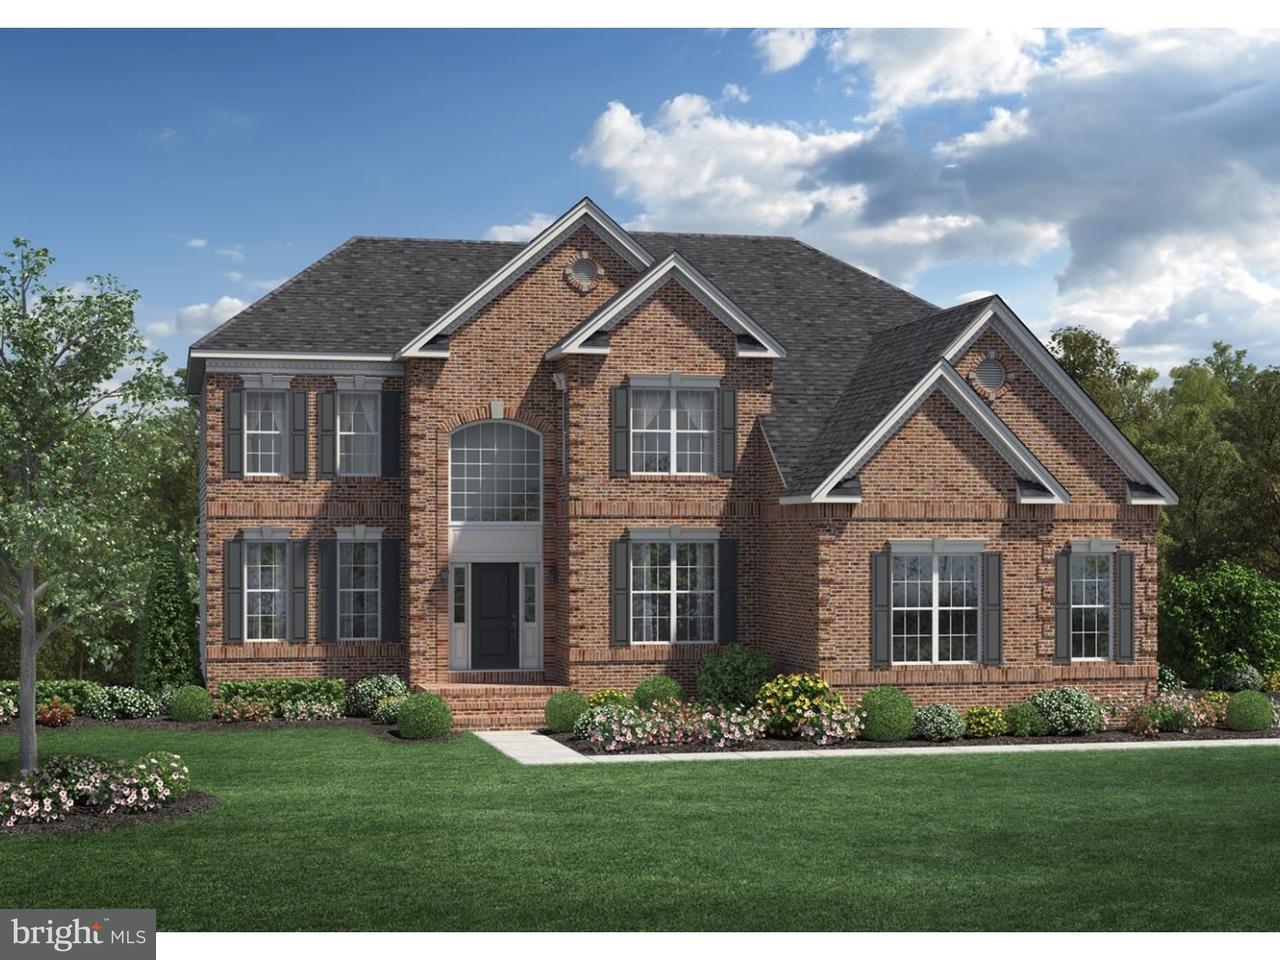 独户住宅 为 销售 在 6295 FOX GLOVE Lane Center Valley, 宾夕法尼亚州 18034 美国